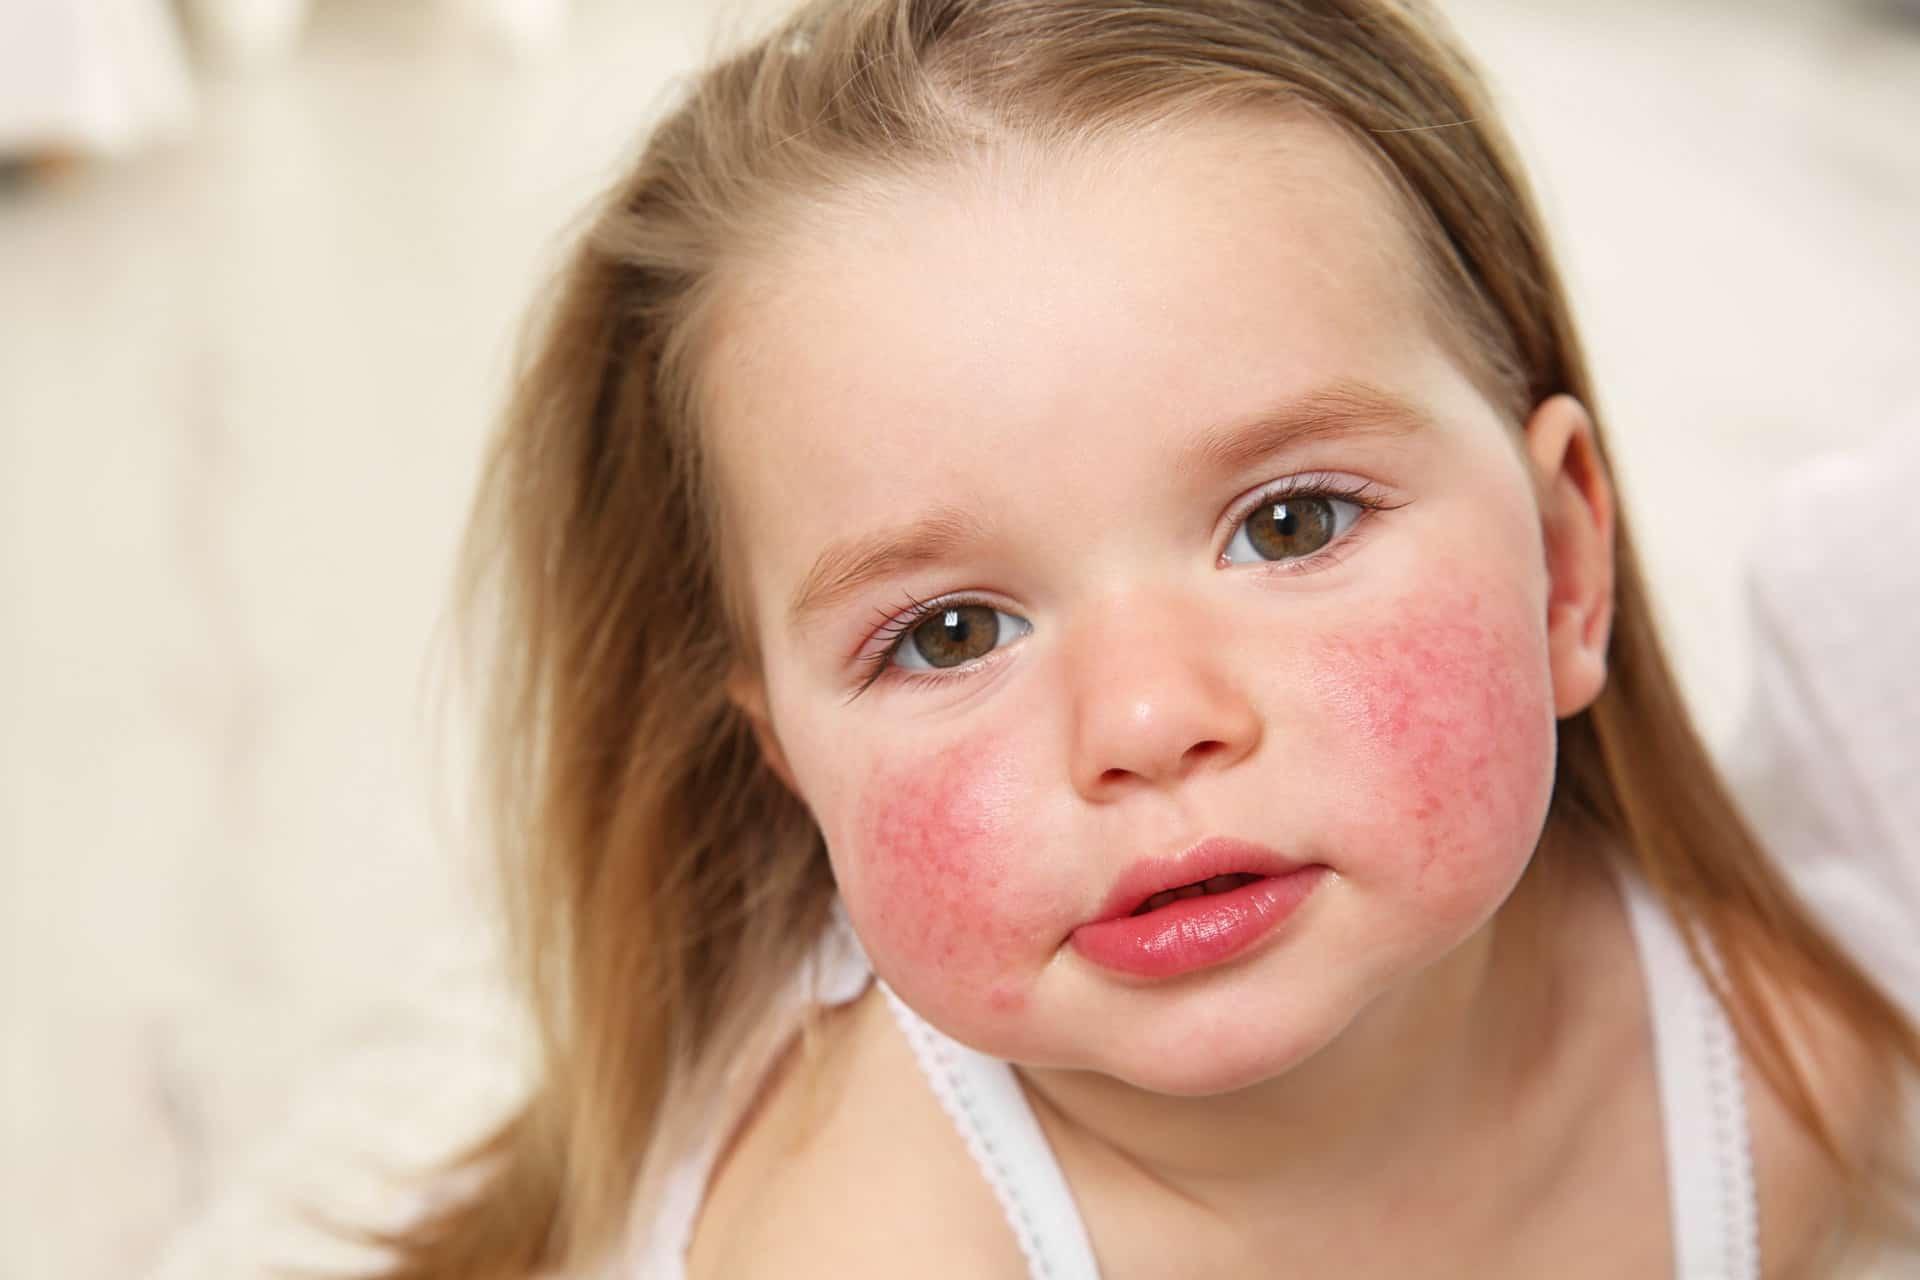 Пищевая аллергия у ребенка: симптомы, лечение, фото